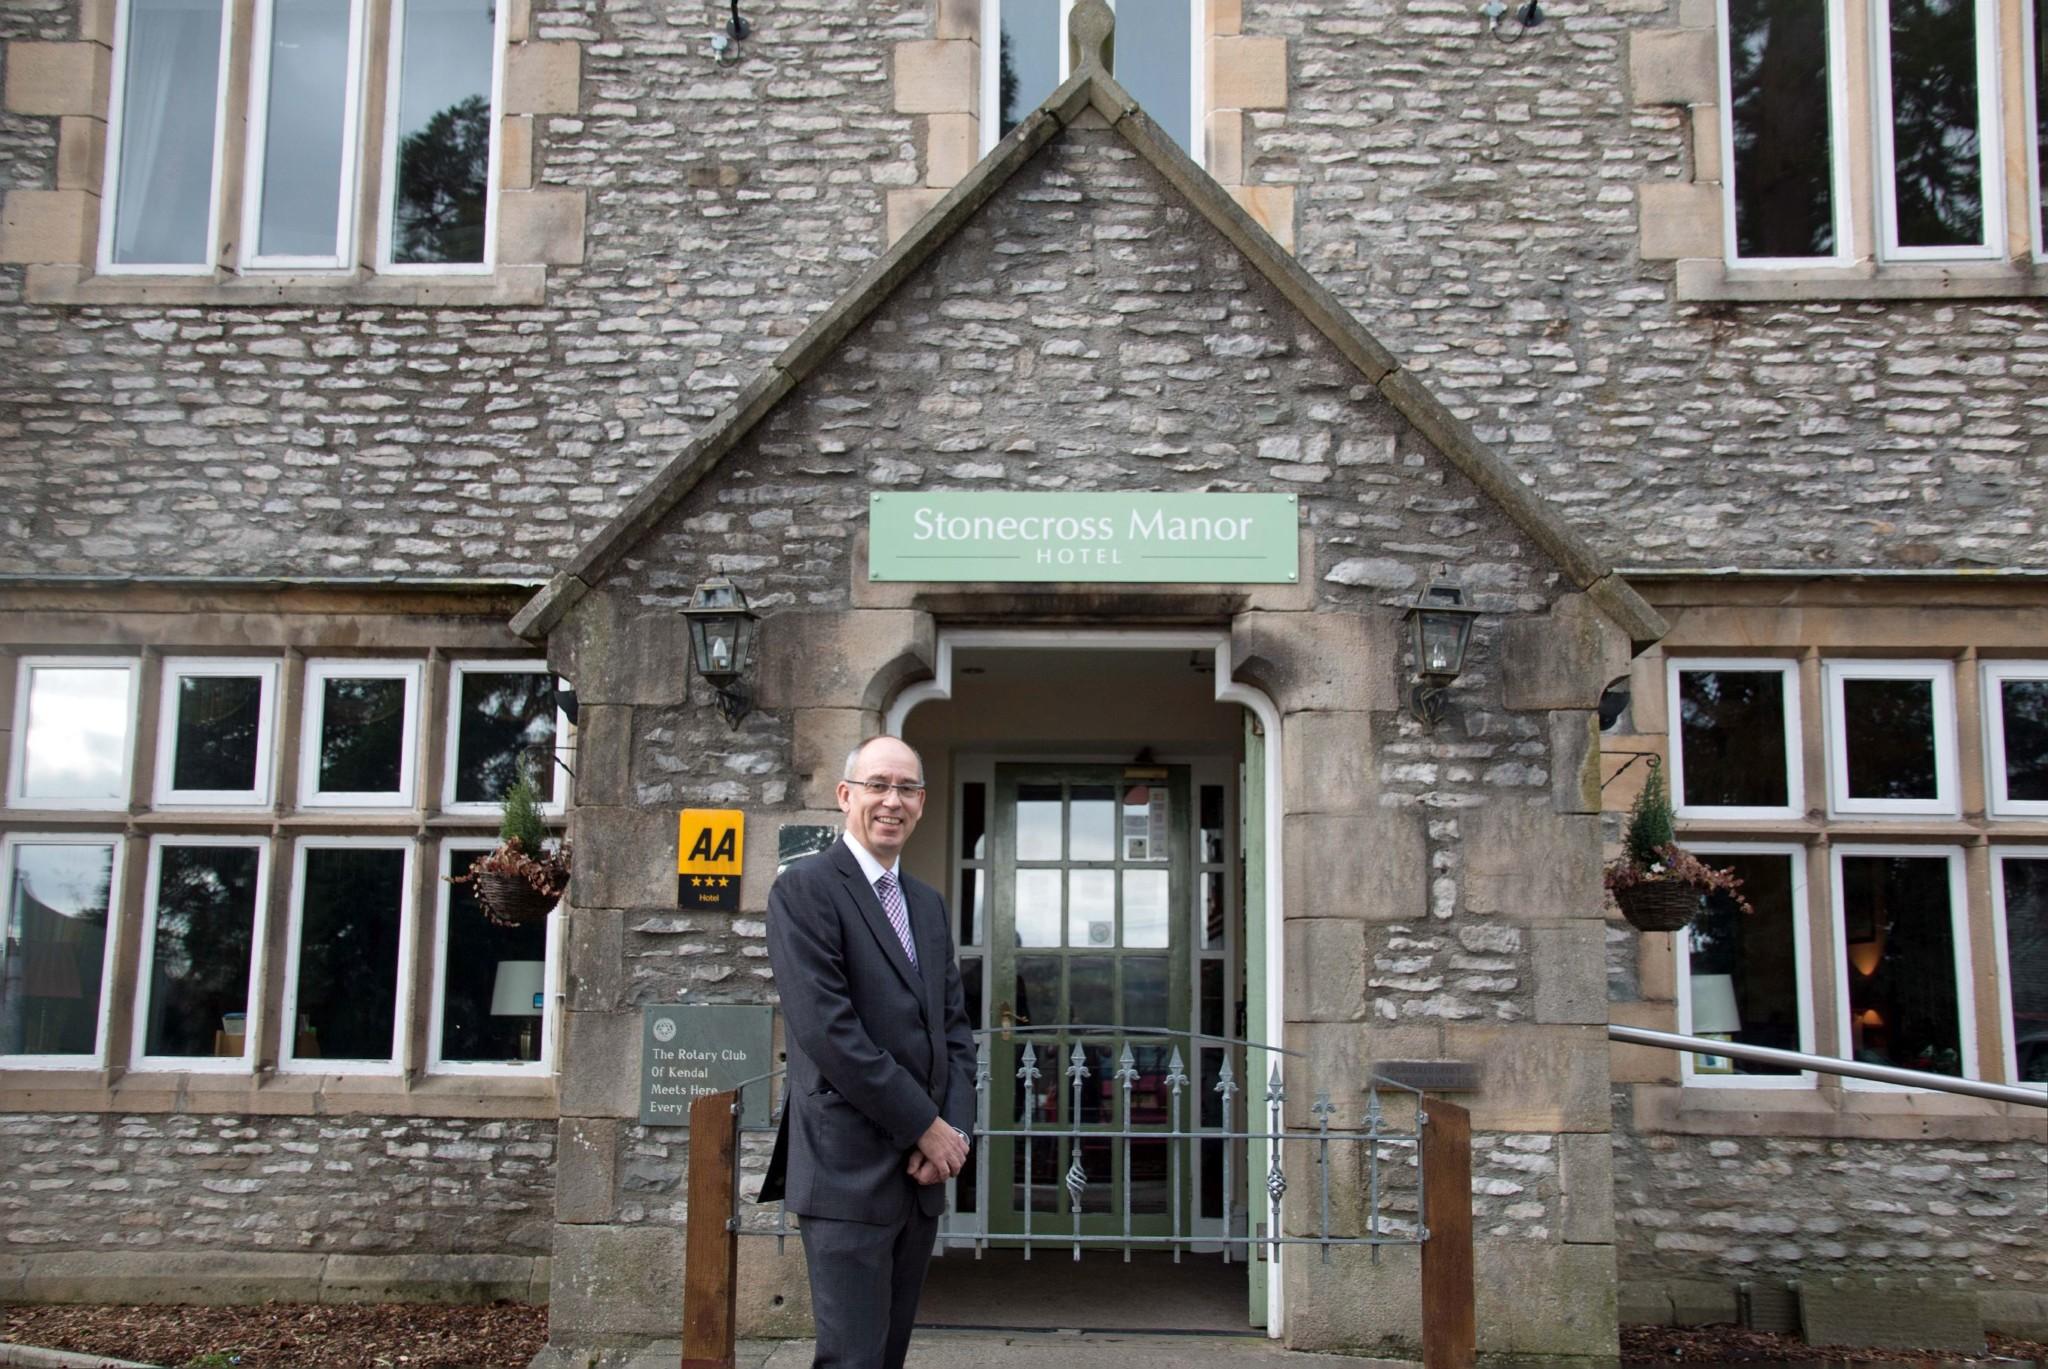 Stonecross Manor